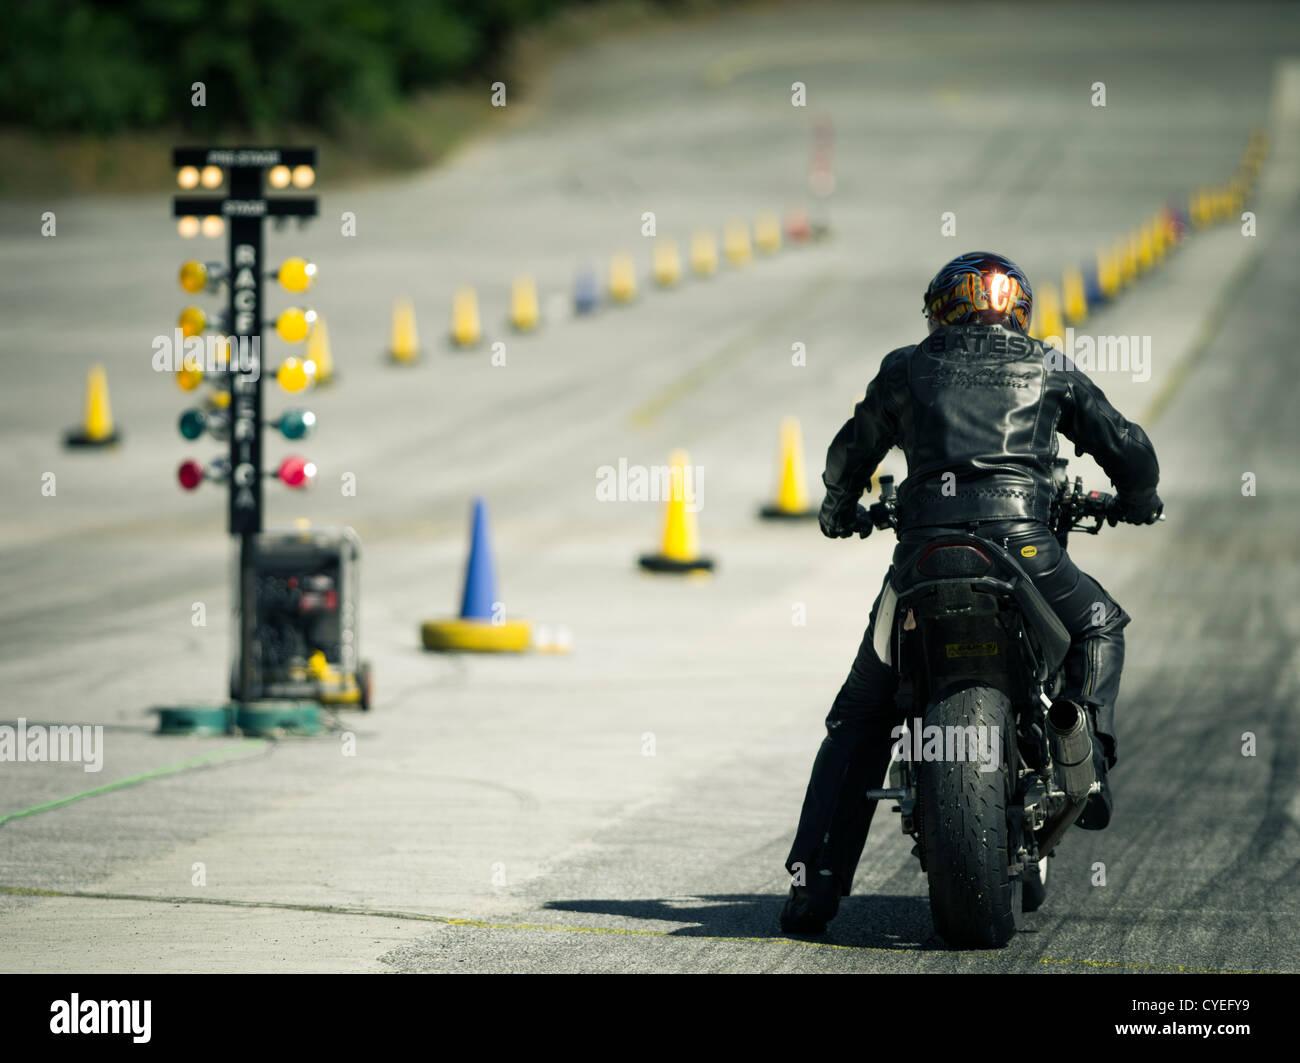 Motorbike drag racer on the drag strip awaiting the green light - Stock Image